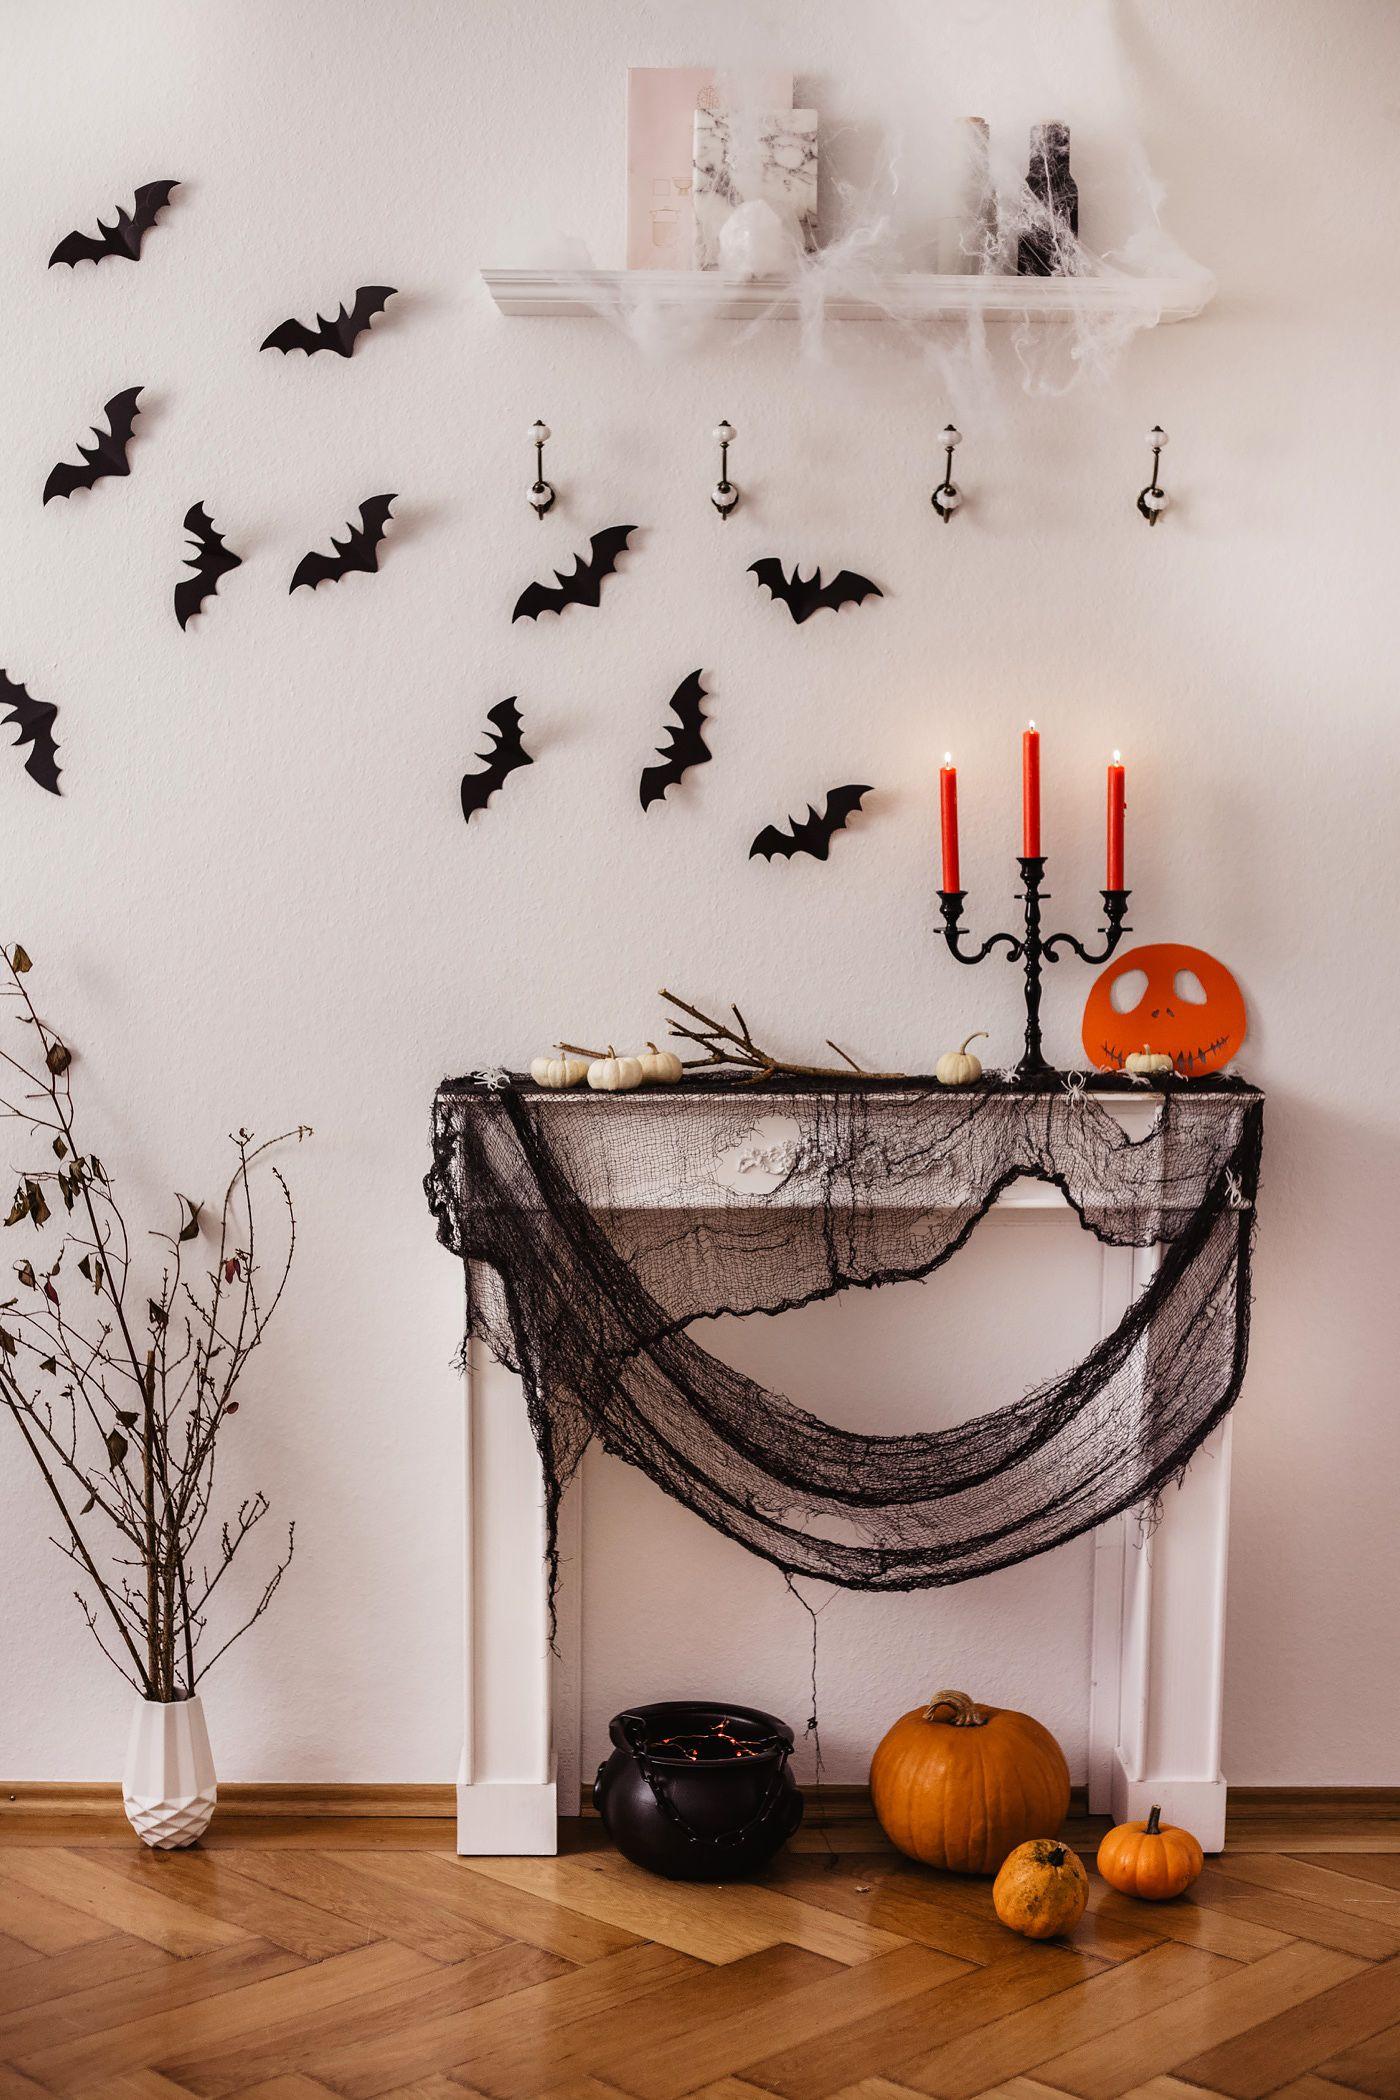 Halloween Deko Selber Machen Diy Halloween Deko Selber Machen Gruselig Halloween Deko Halloween Deko Basteln